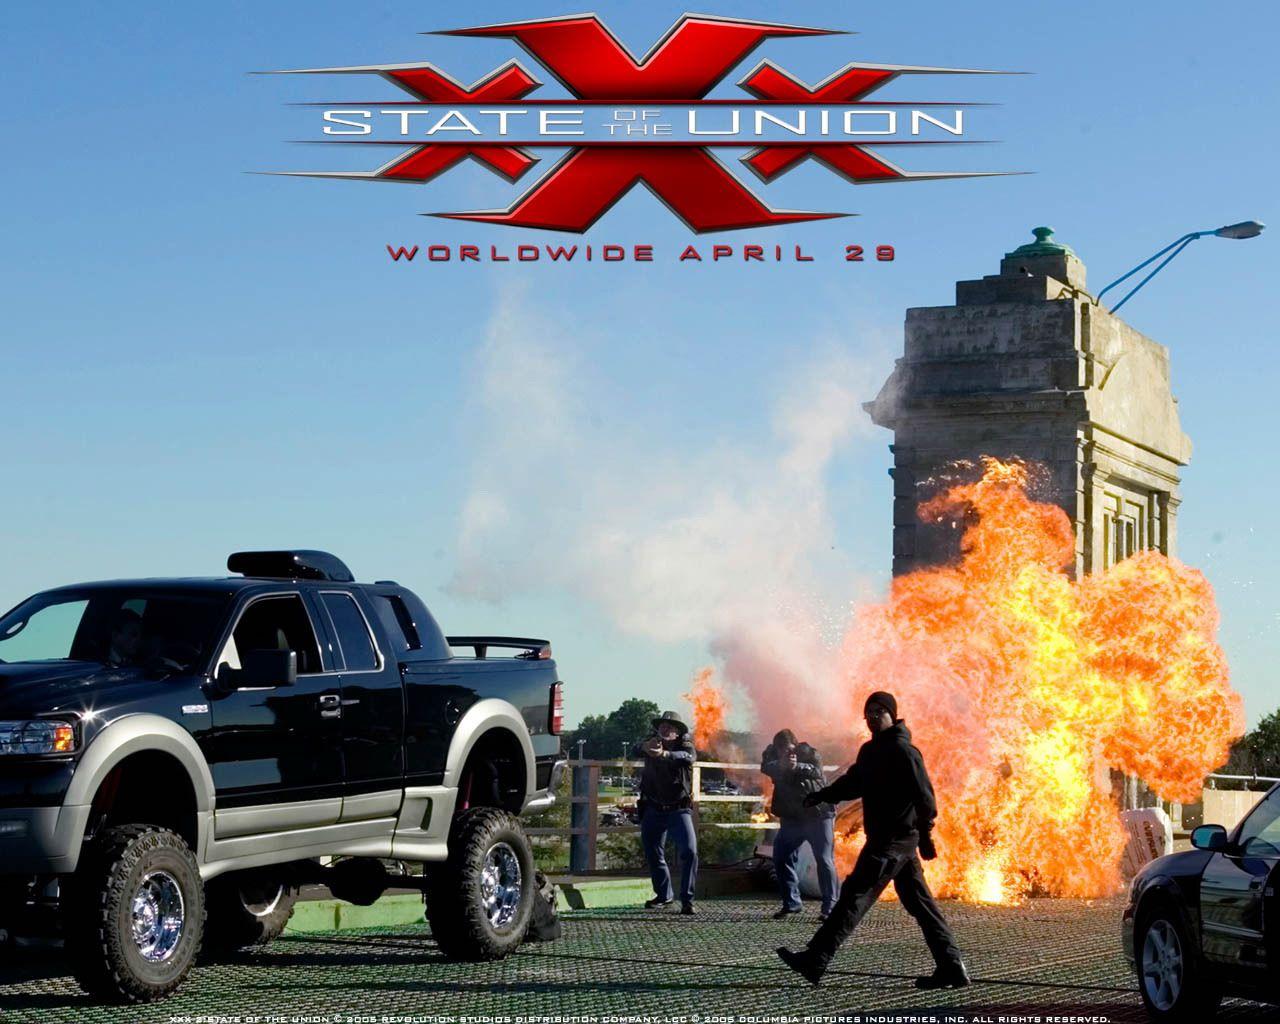 Xxx новый уровень 14 фотография